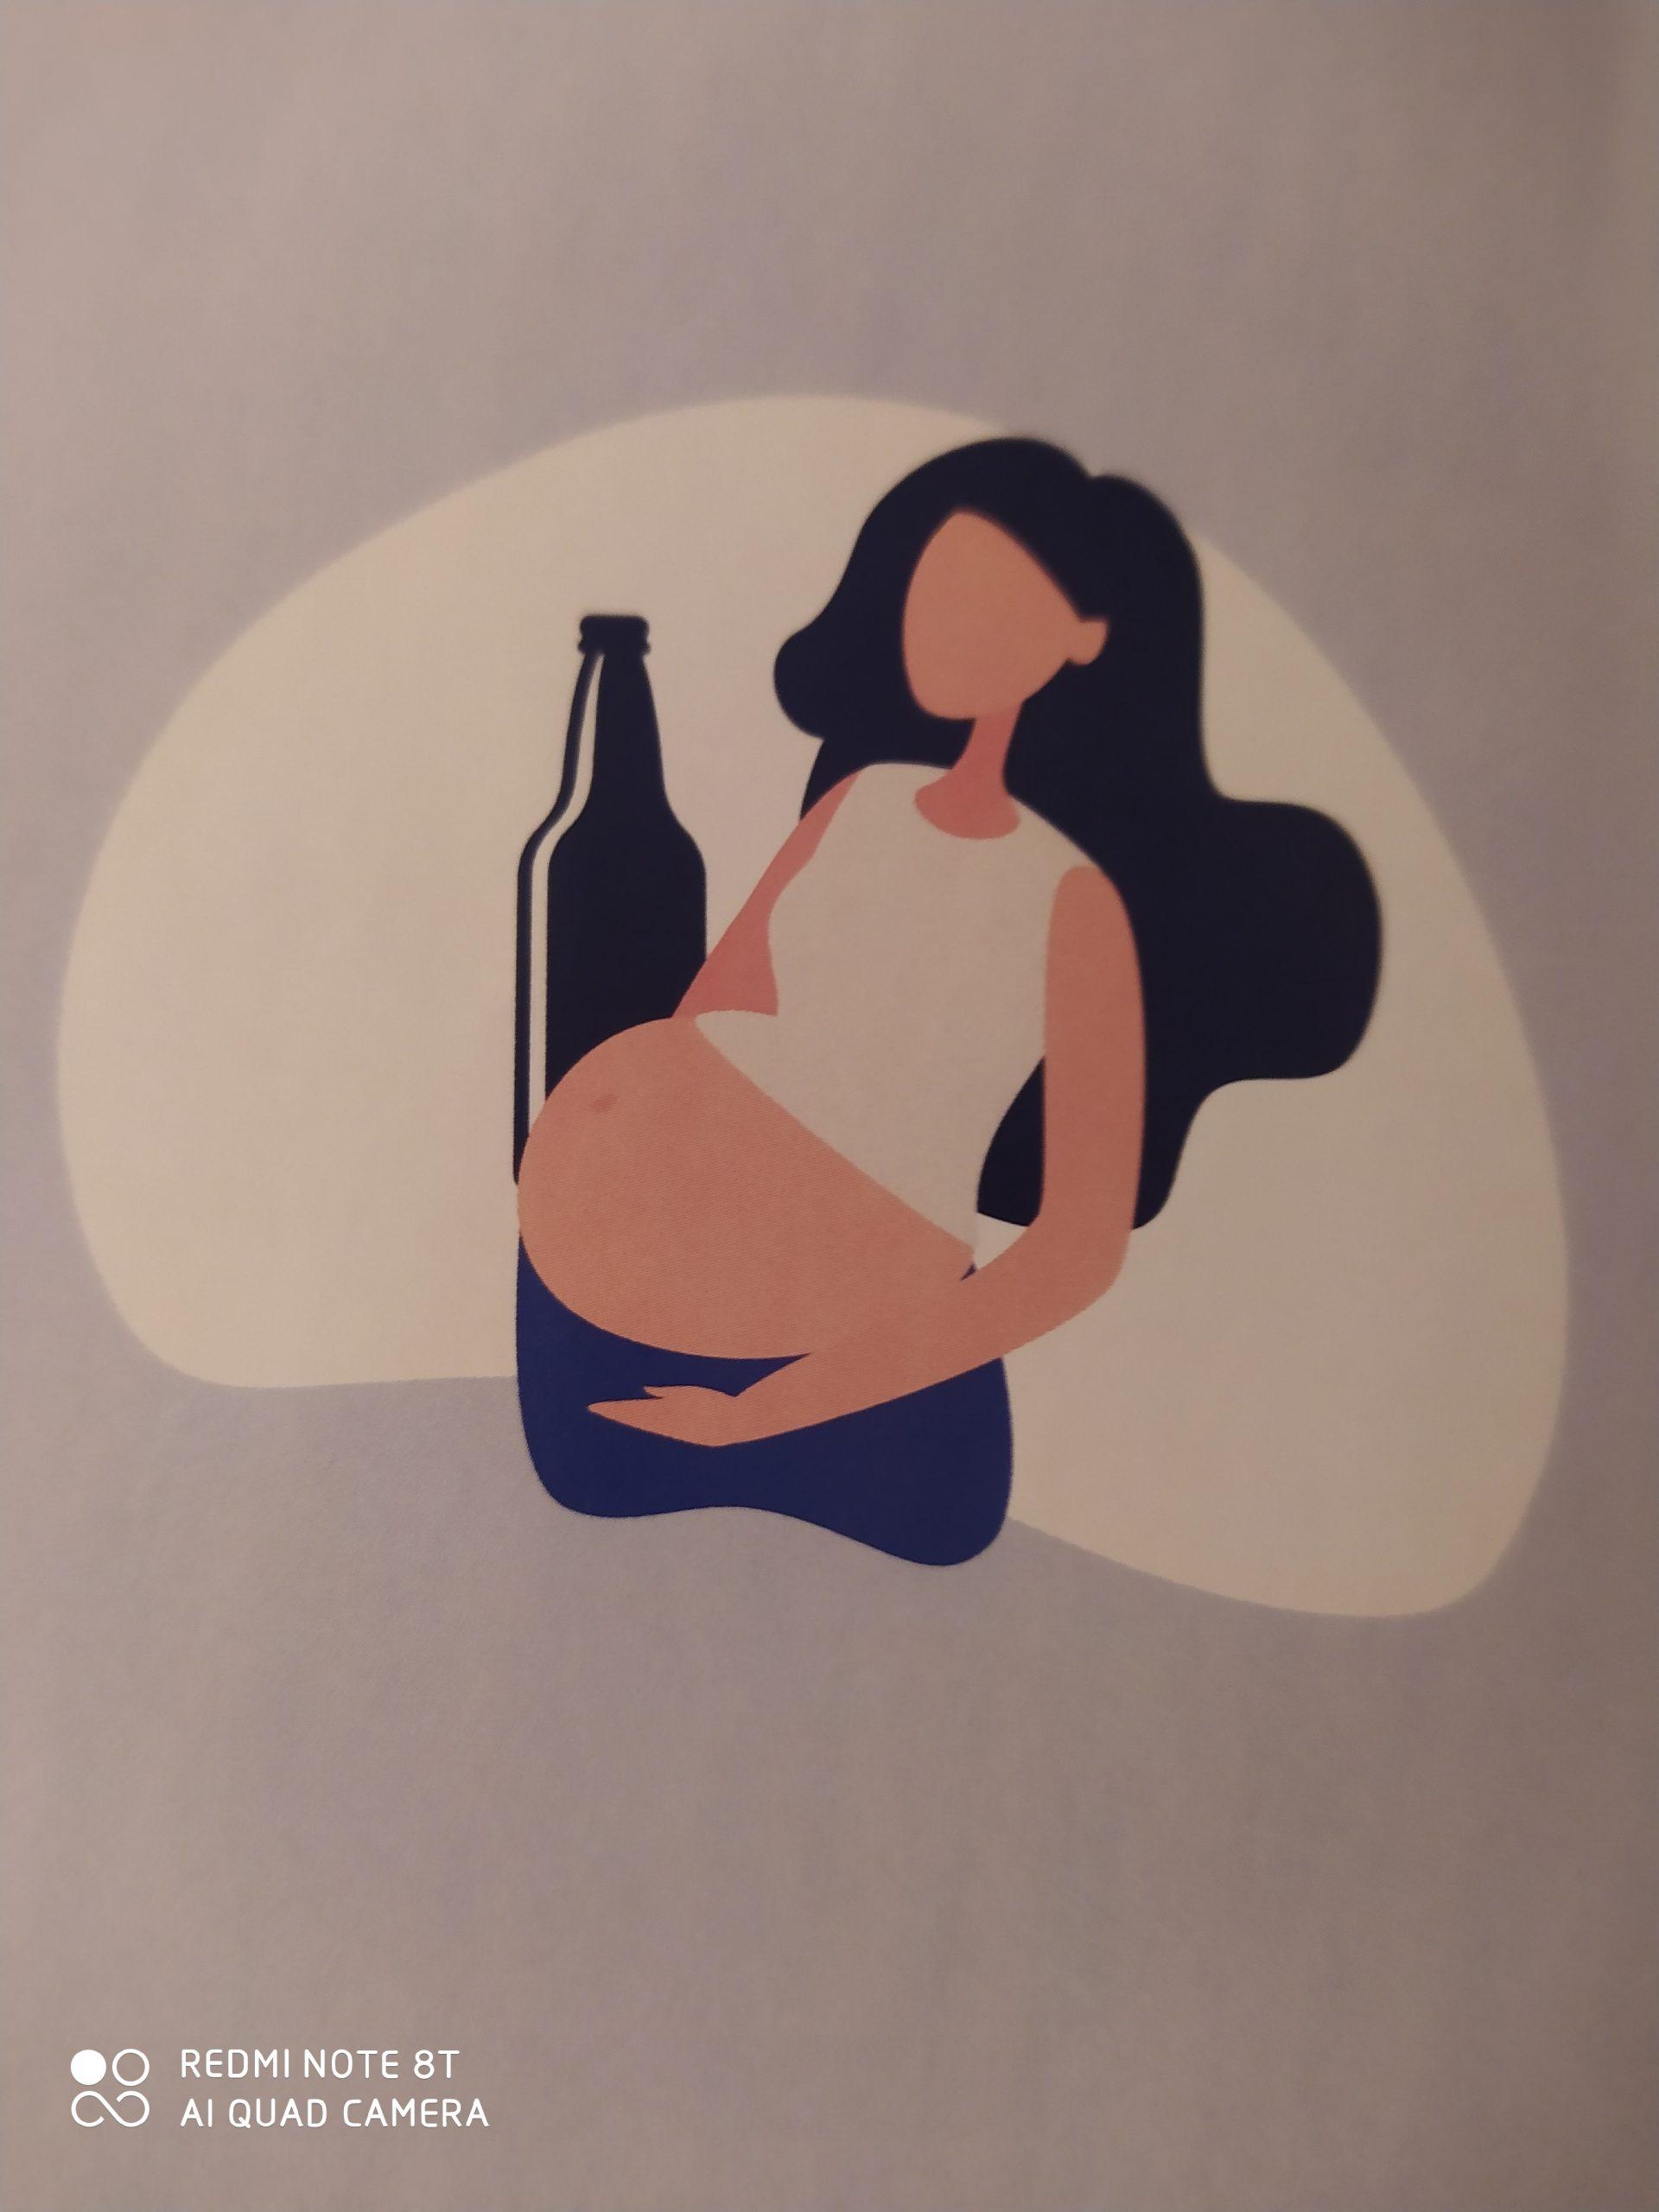 Descubre en qué consiste el Trastorno del Espectro Alcohólico Fetal